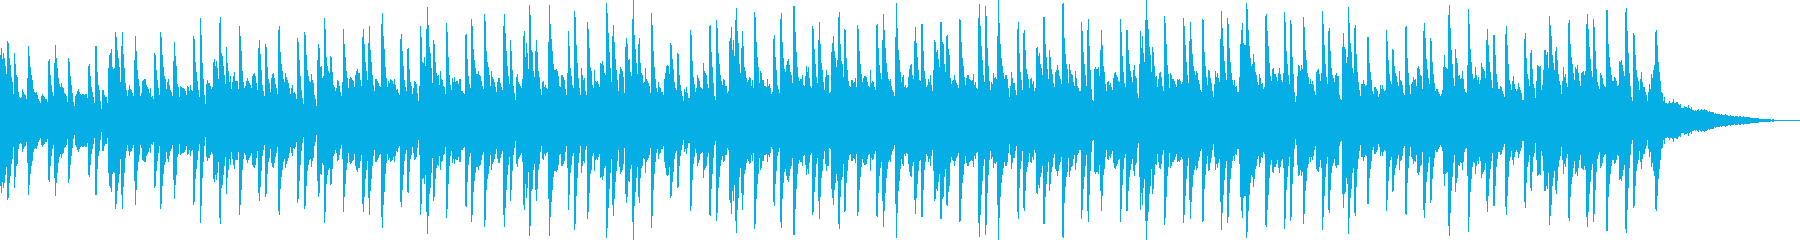 スタインウェイで弾いたピアノソロの再生済みの波形